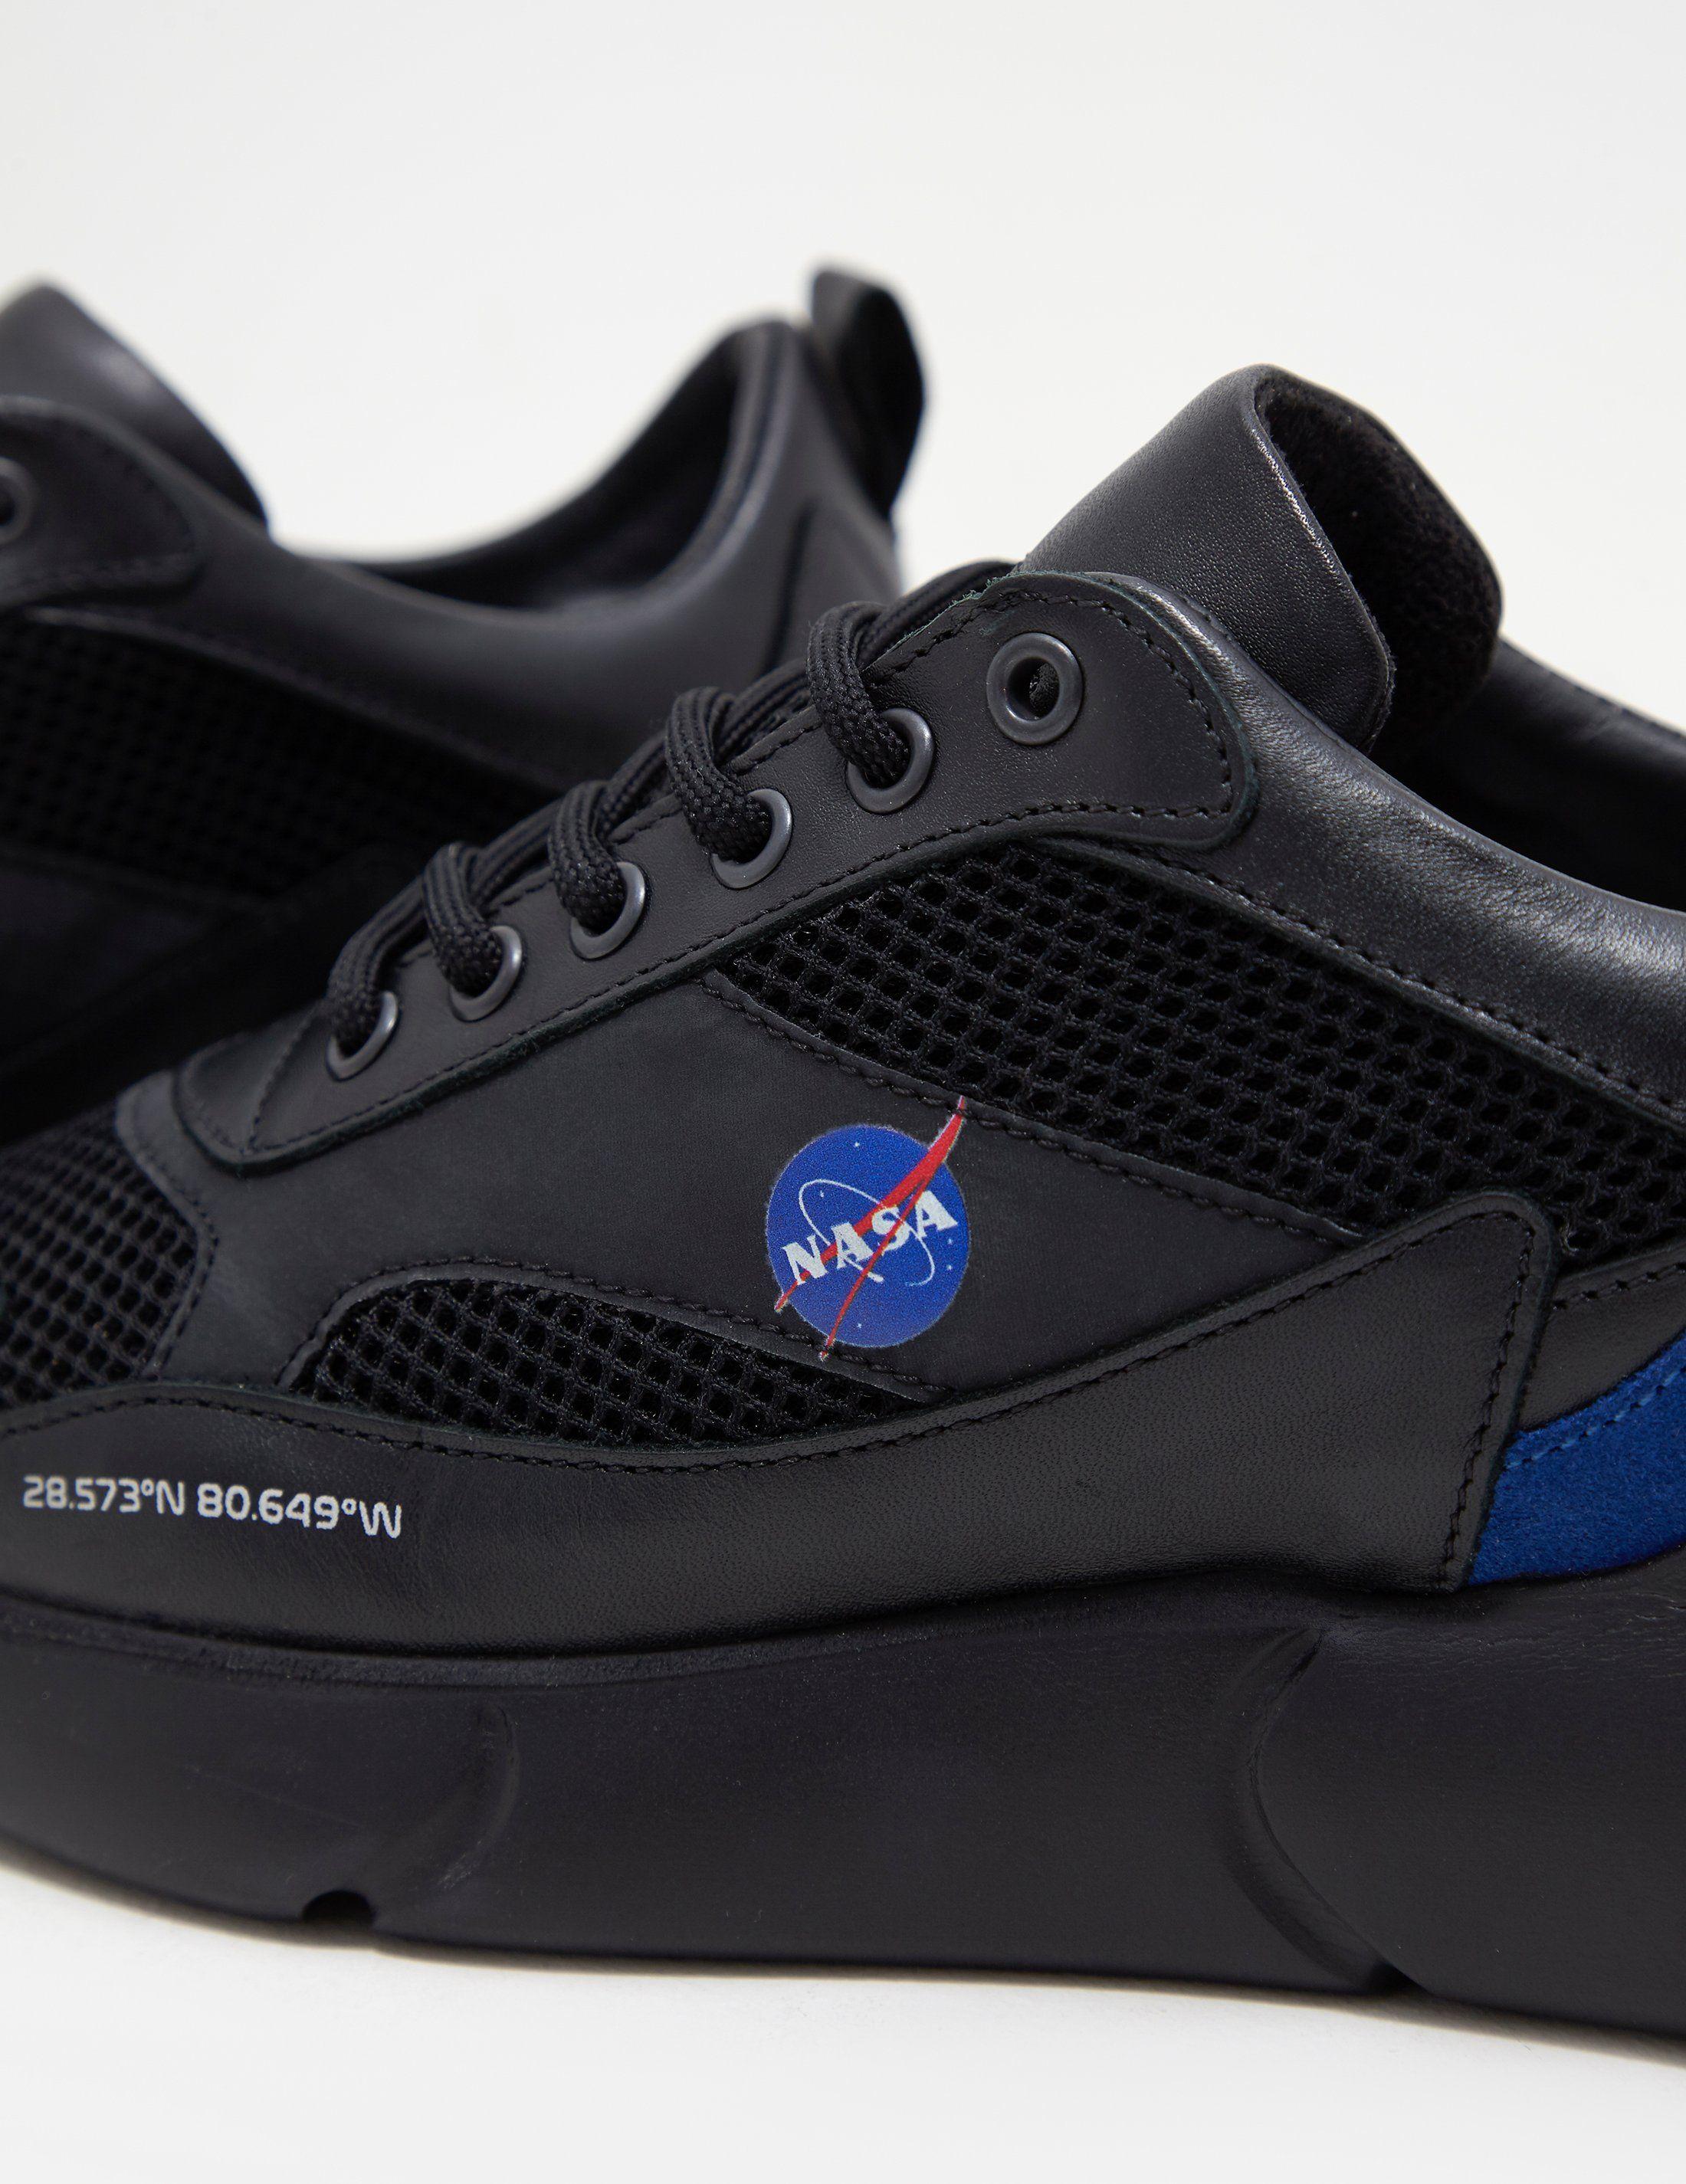 MERCER x NASA